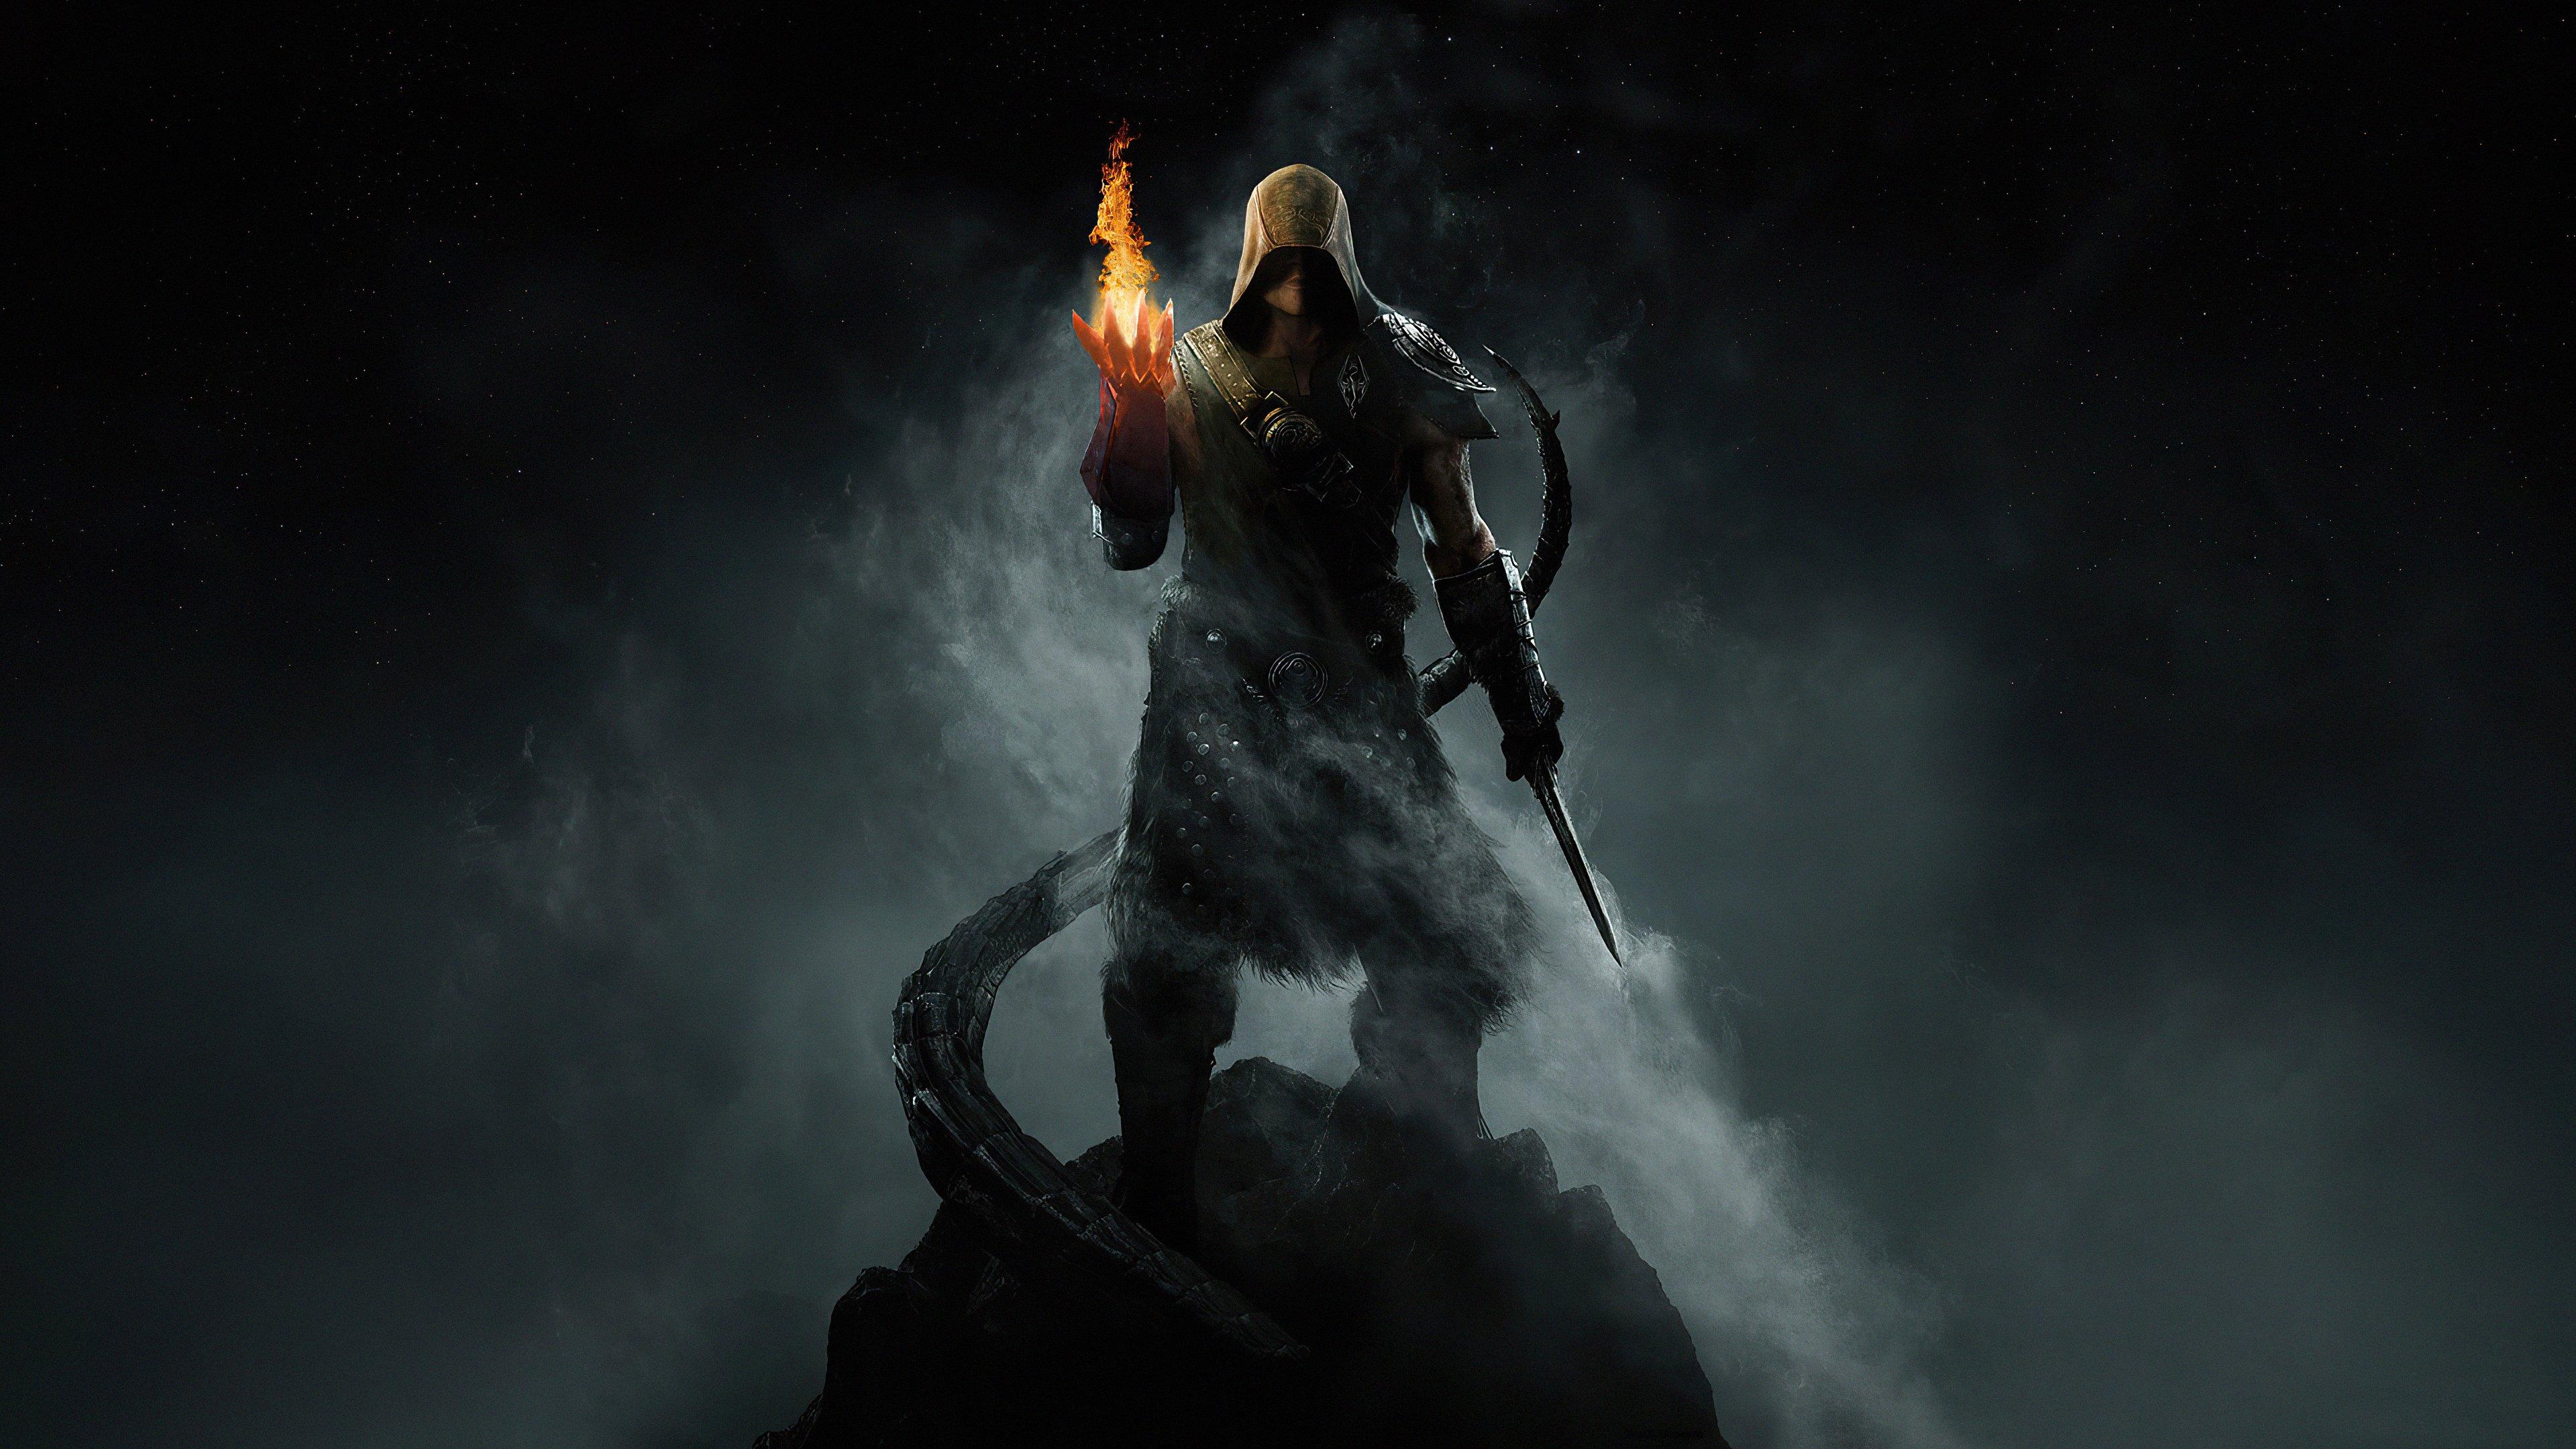 Fondos de pantalla The Elder Scrolls V Skyrim